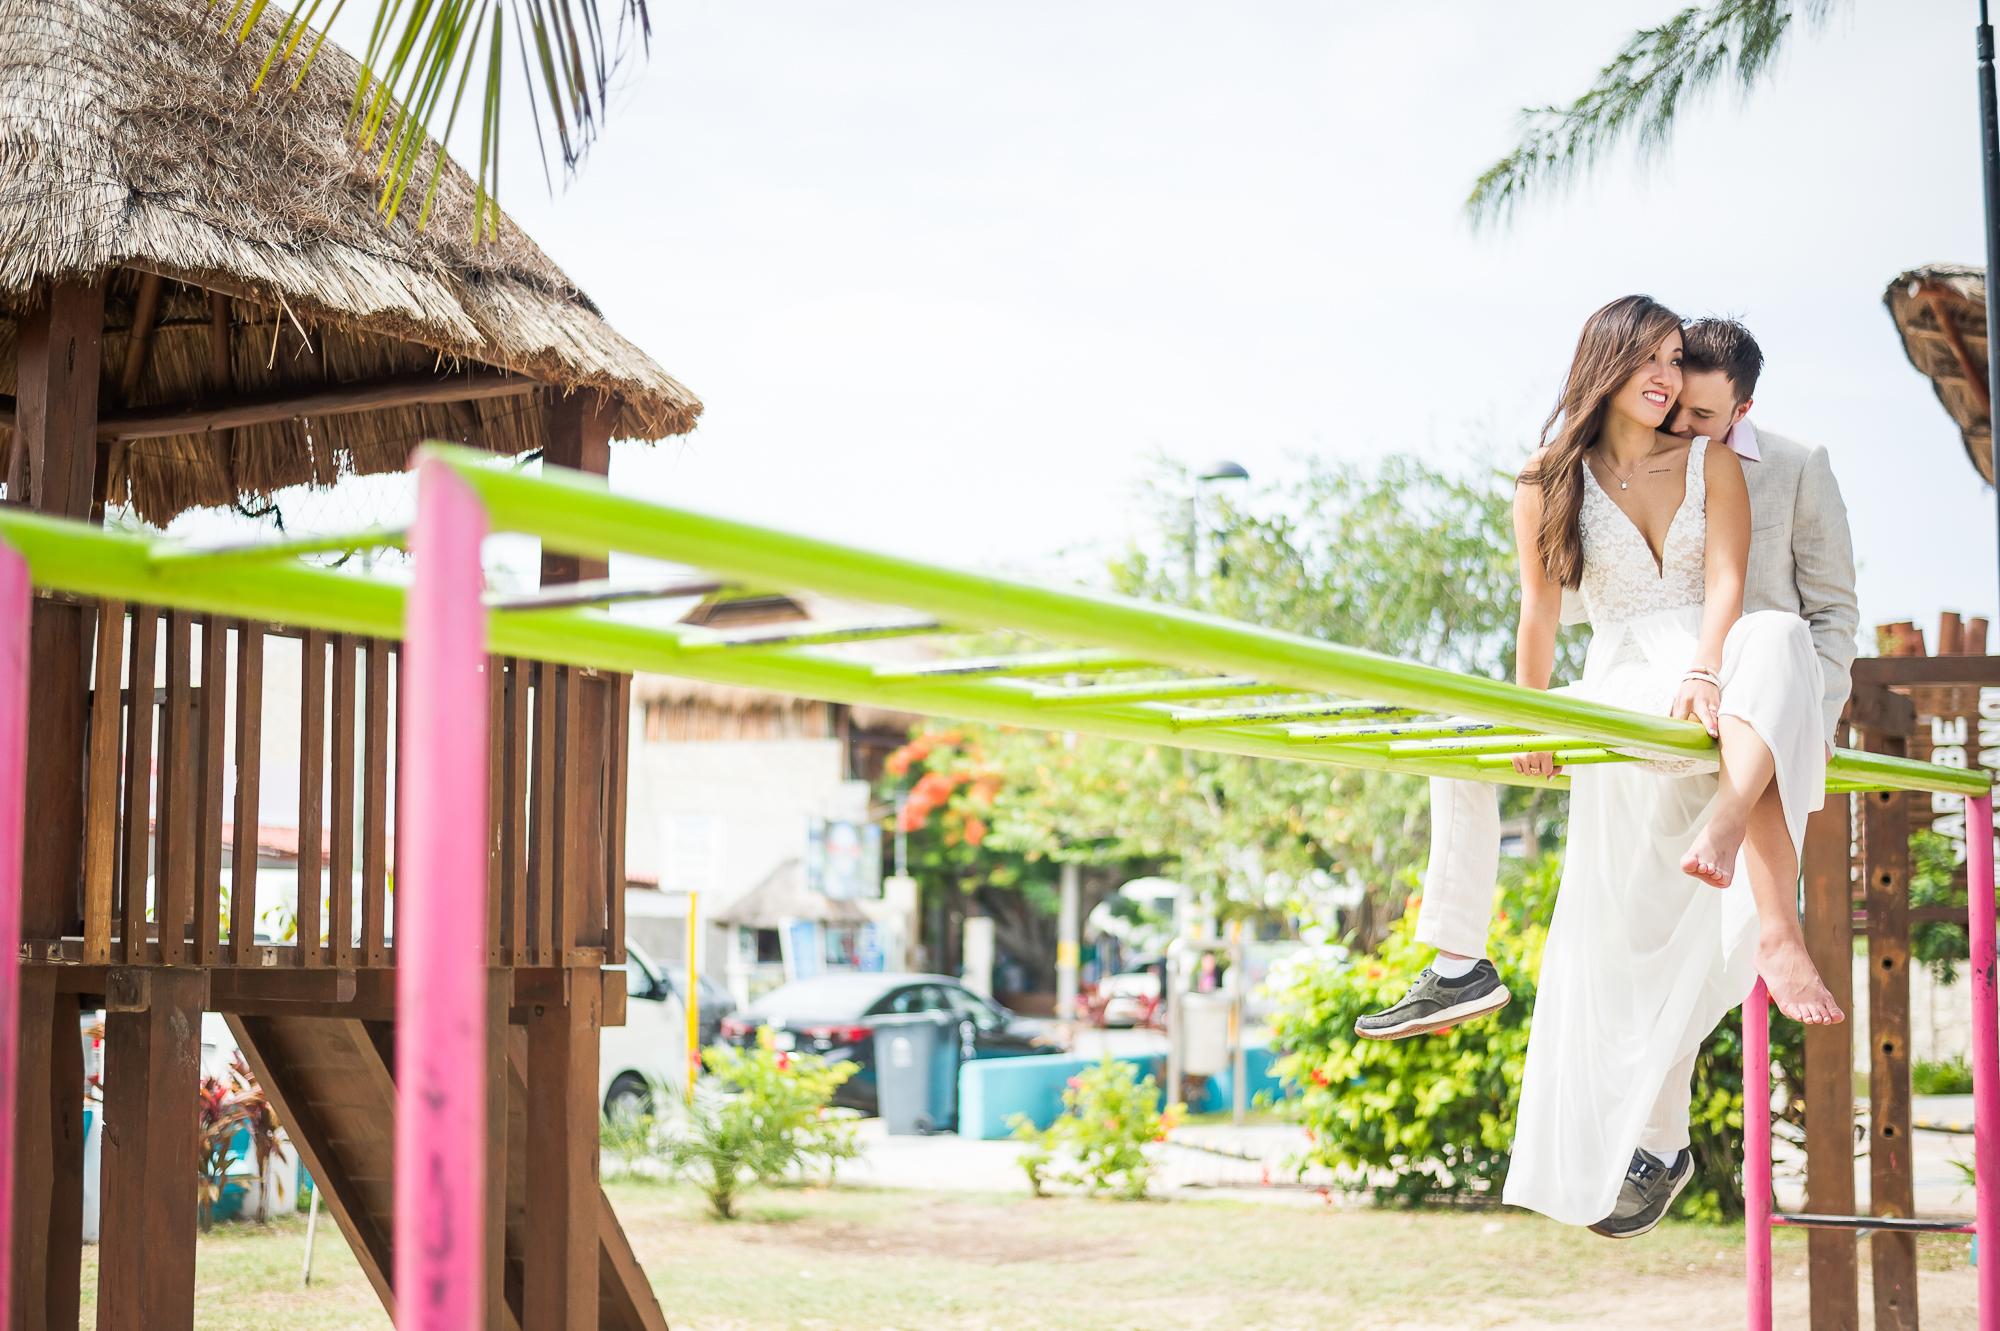 31-David Loi Studios - Cancun Mexico Engagement Session - Destination Engagement Session-24963.jpg